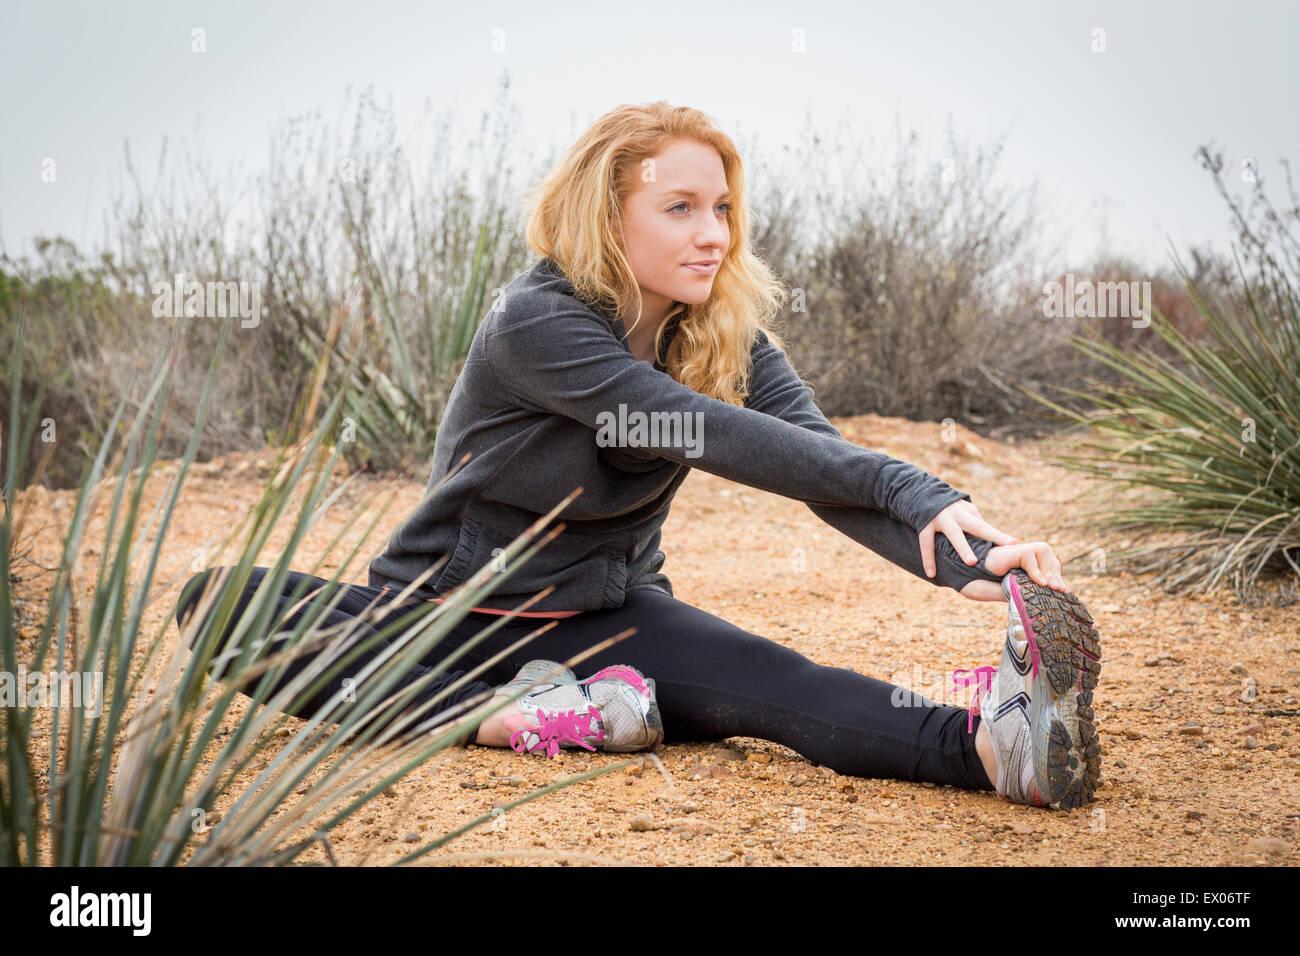 Los jóvenes corredoras estiramiento para tocar los dedos de los pies Imagen De Stock